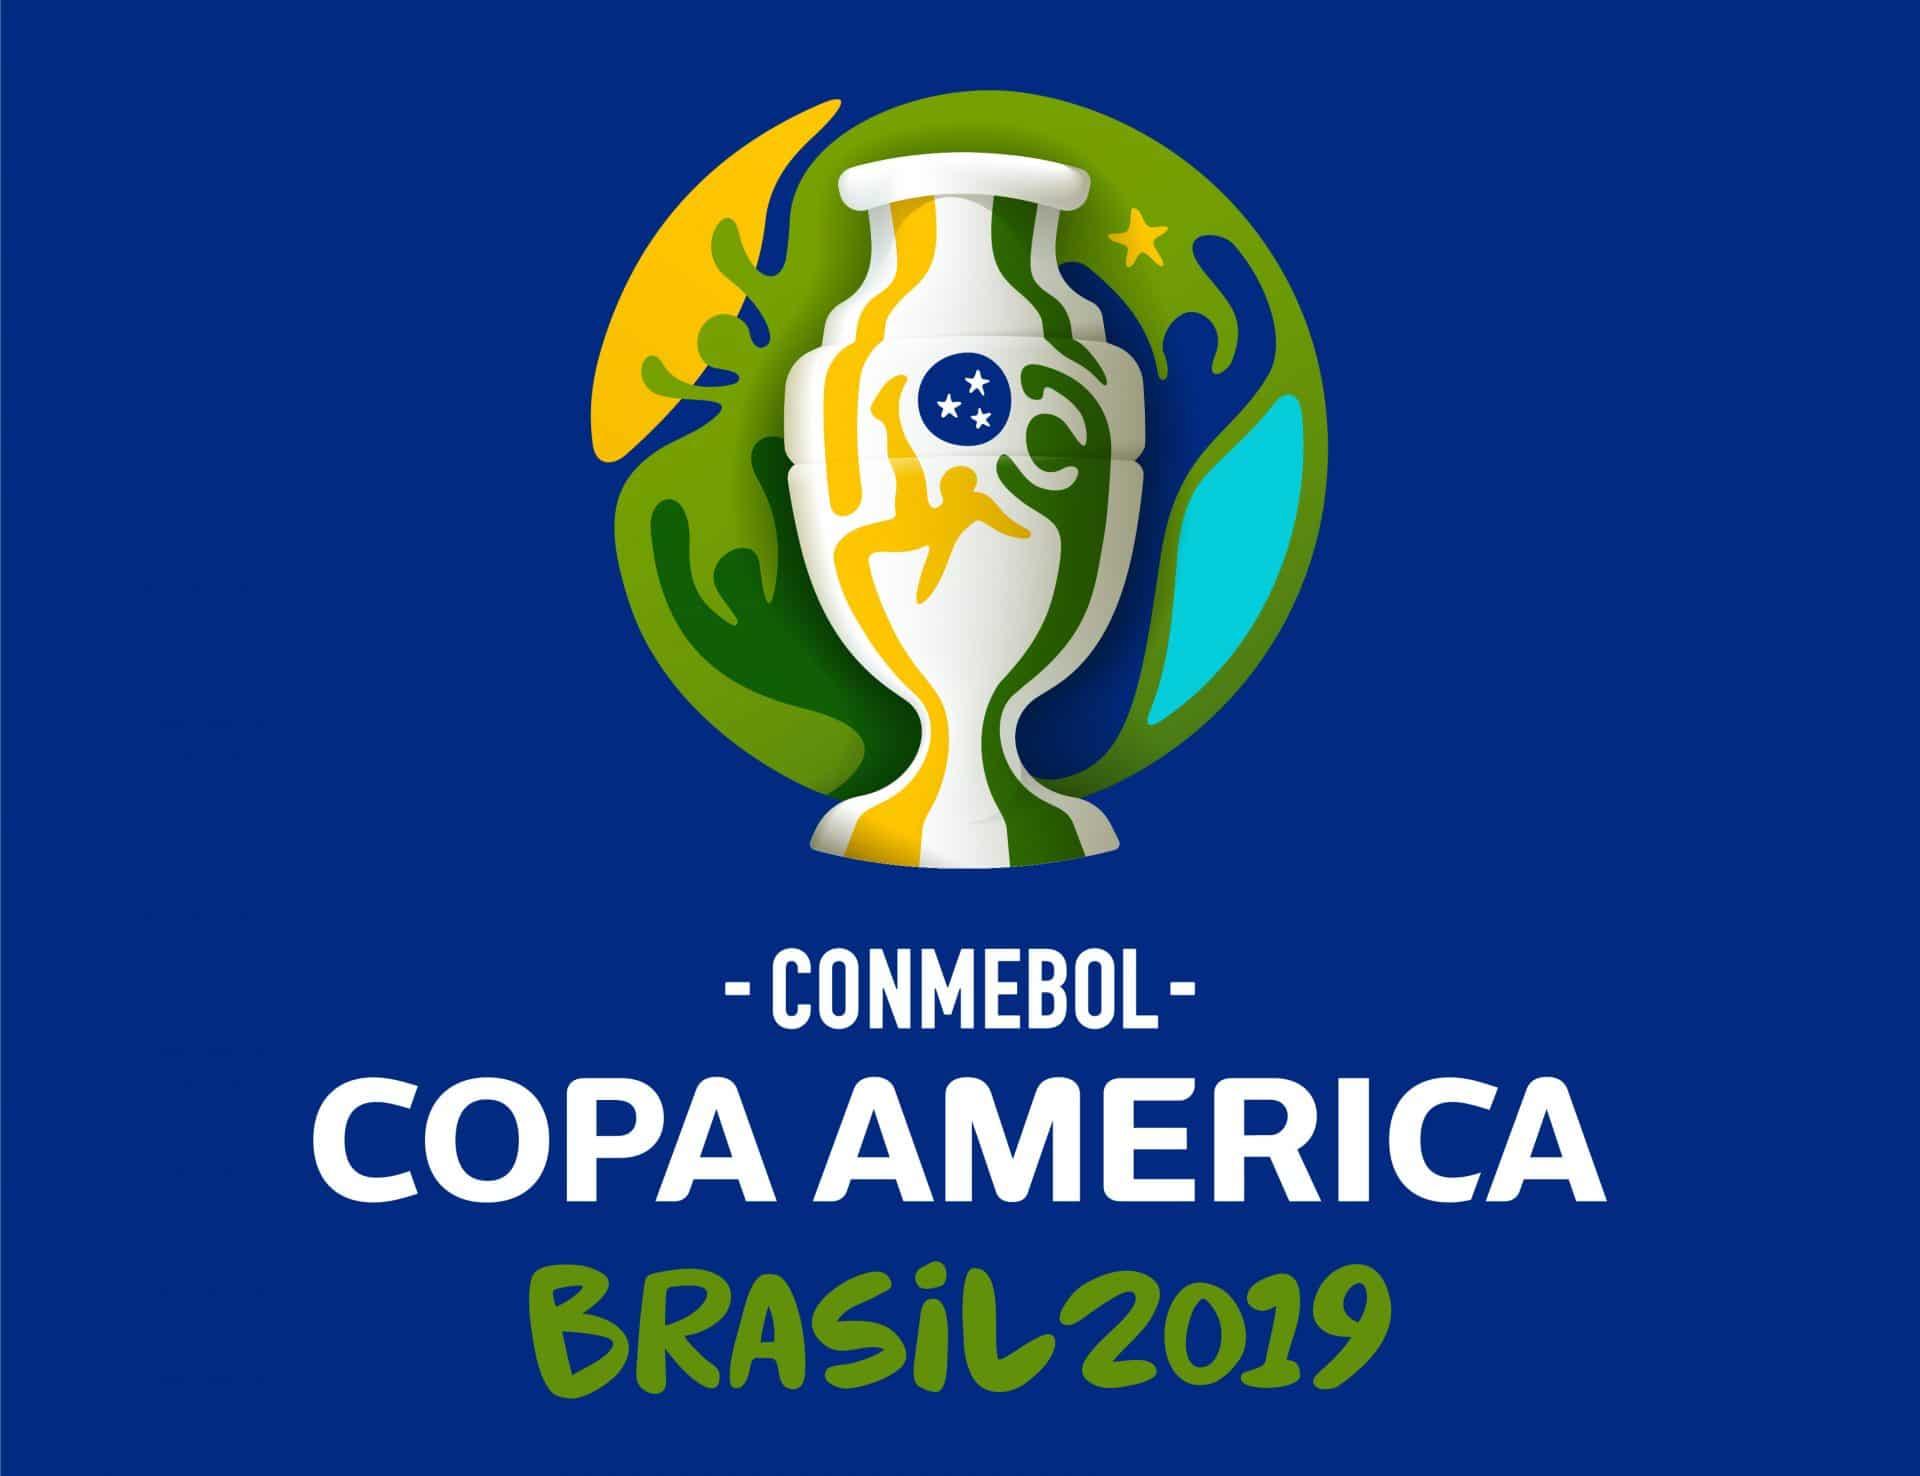 Copa America 2019 quote